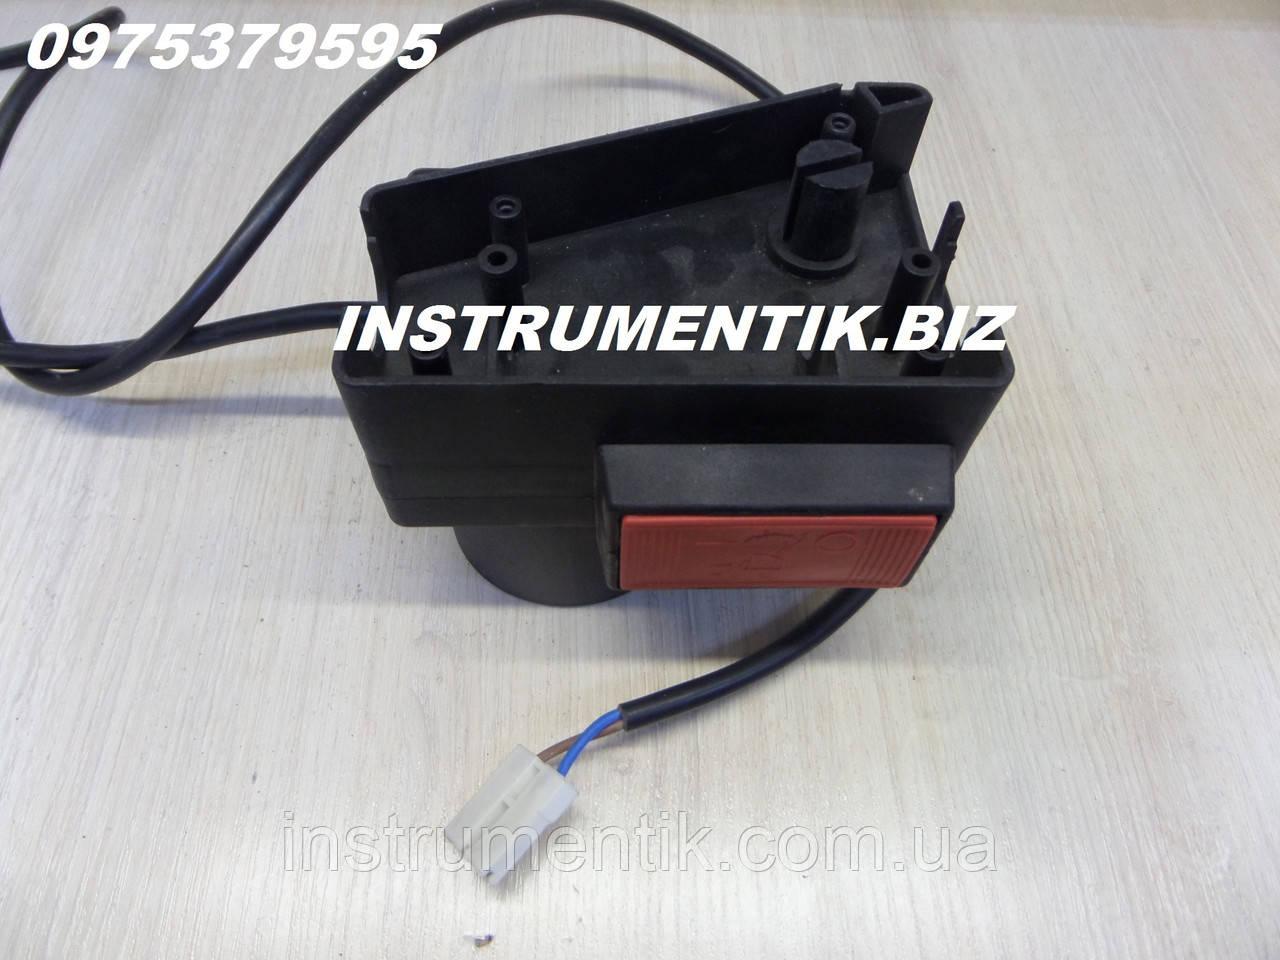 Ручка (стоп-стар) для электрических газонокосилок Agrimotor